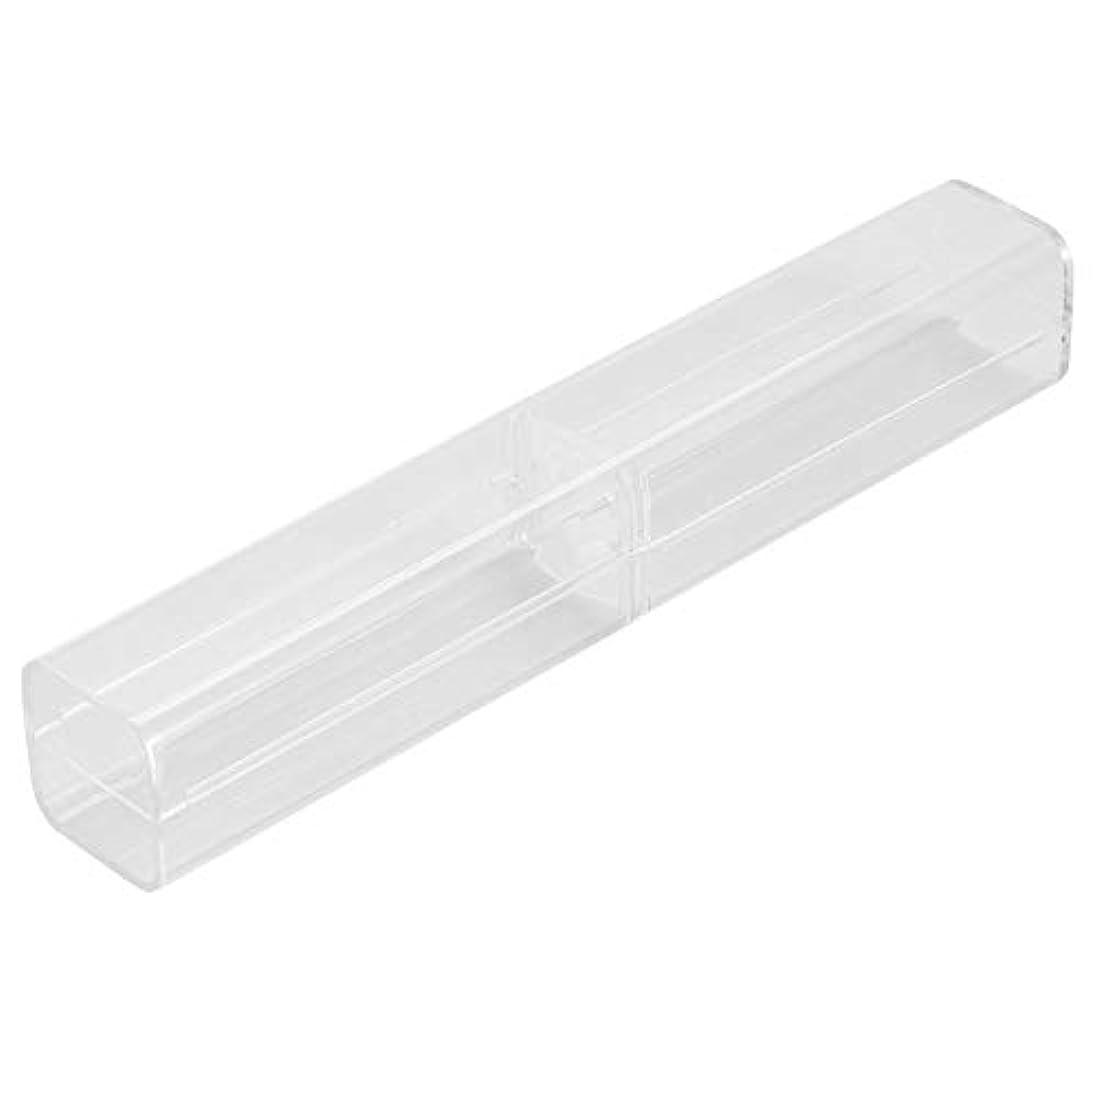 アマチュア引き受ける原始的な1ピース収納ボックス - 手動ペン眉毛タトゥークリアケース透明収納ボックス、収納ボックス - タトゥーコンテナ